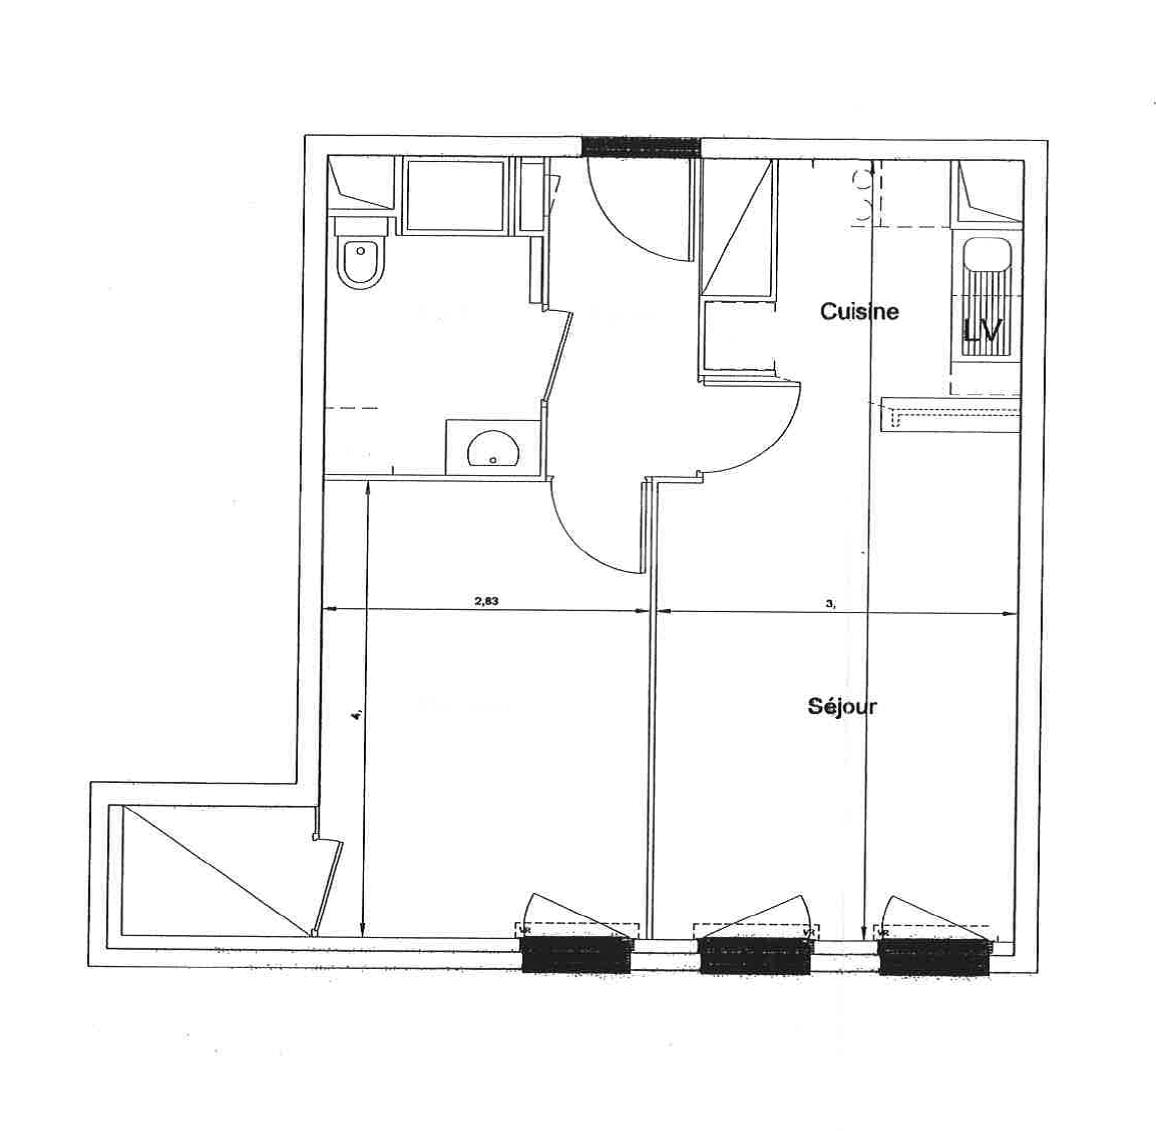 Vente Appartements Maisons Et Villas à Montreuil Paris: Vente Appartement Montreuil (93100) 2 Pièces 42.5 M2